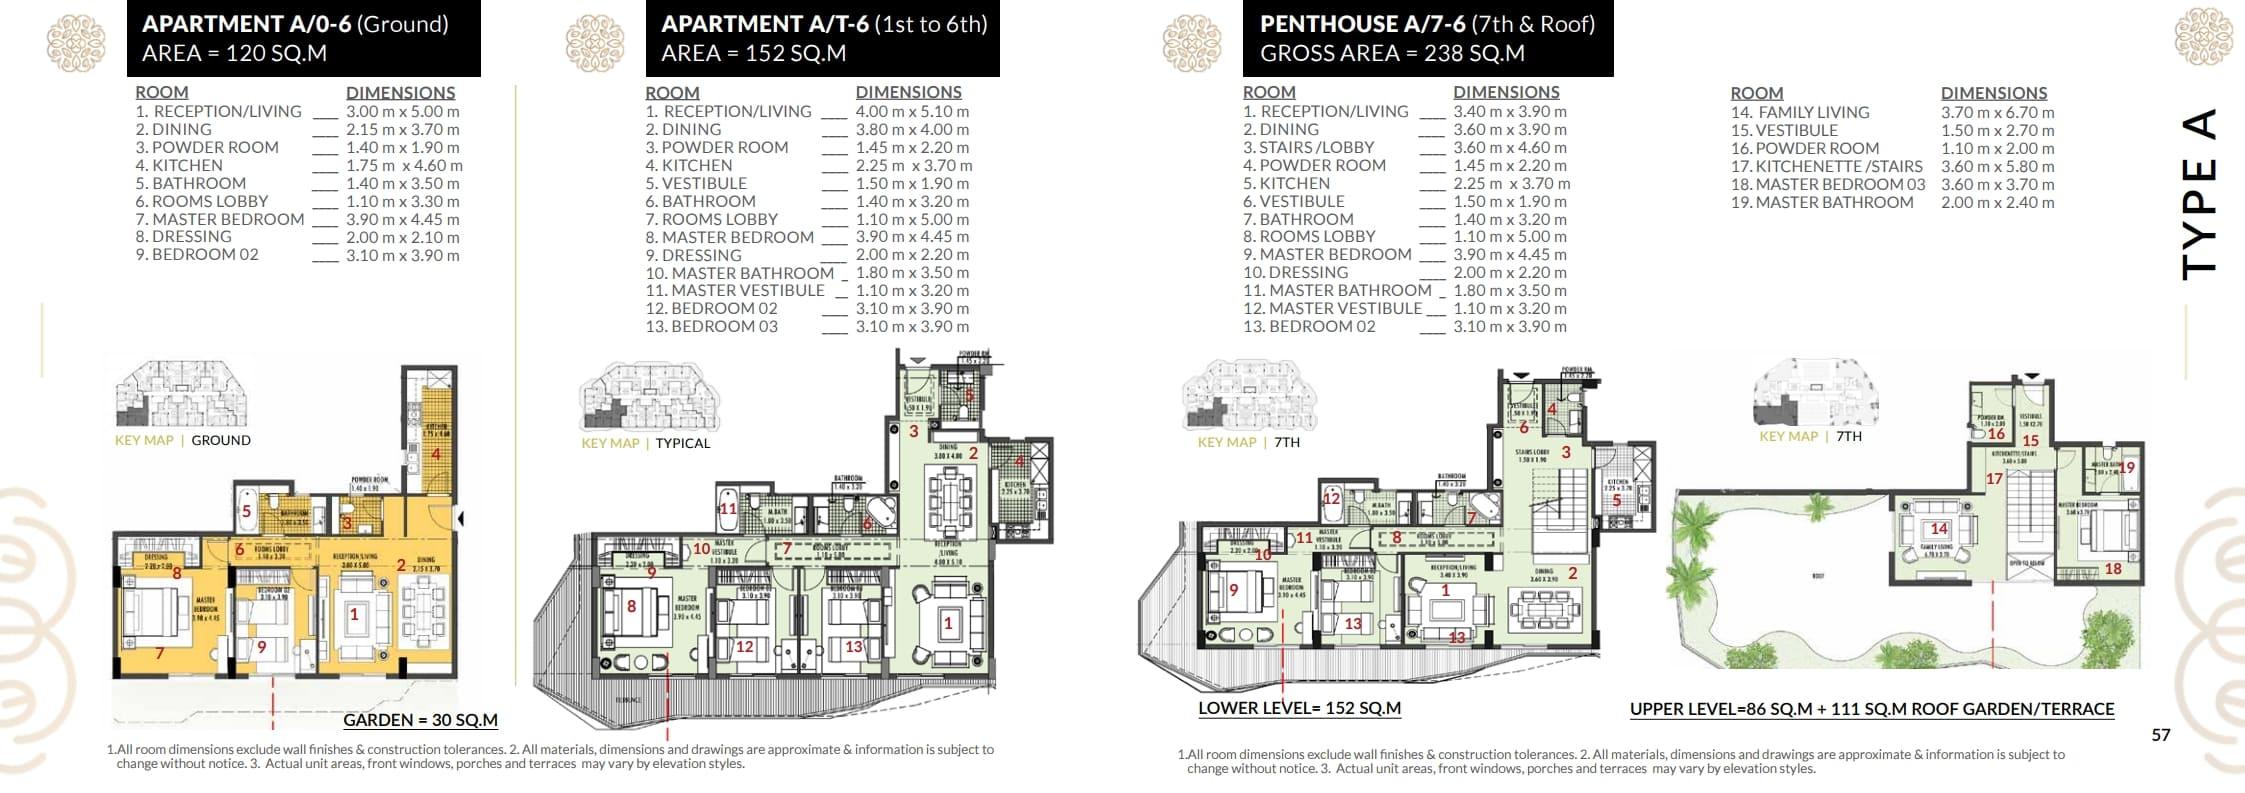 شقة120م للبيع بكمبوند روزس العاصمة الاداريه باقساط تصل ل9سنوات